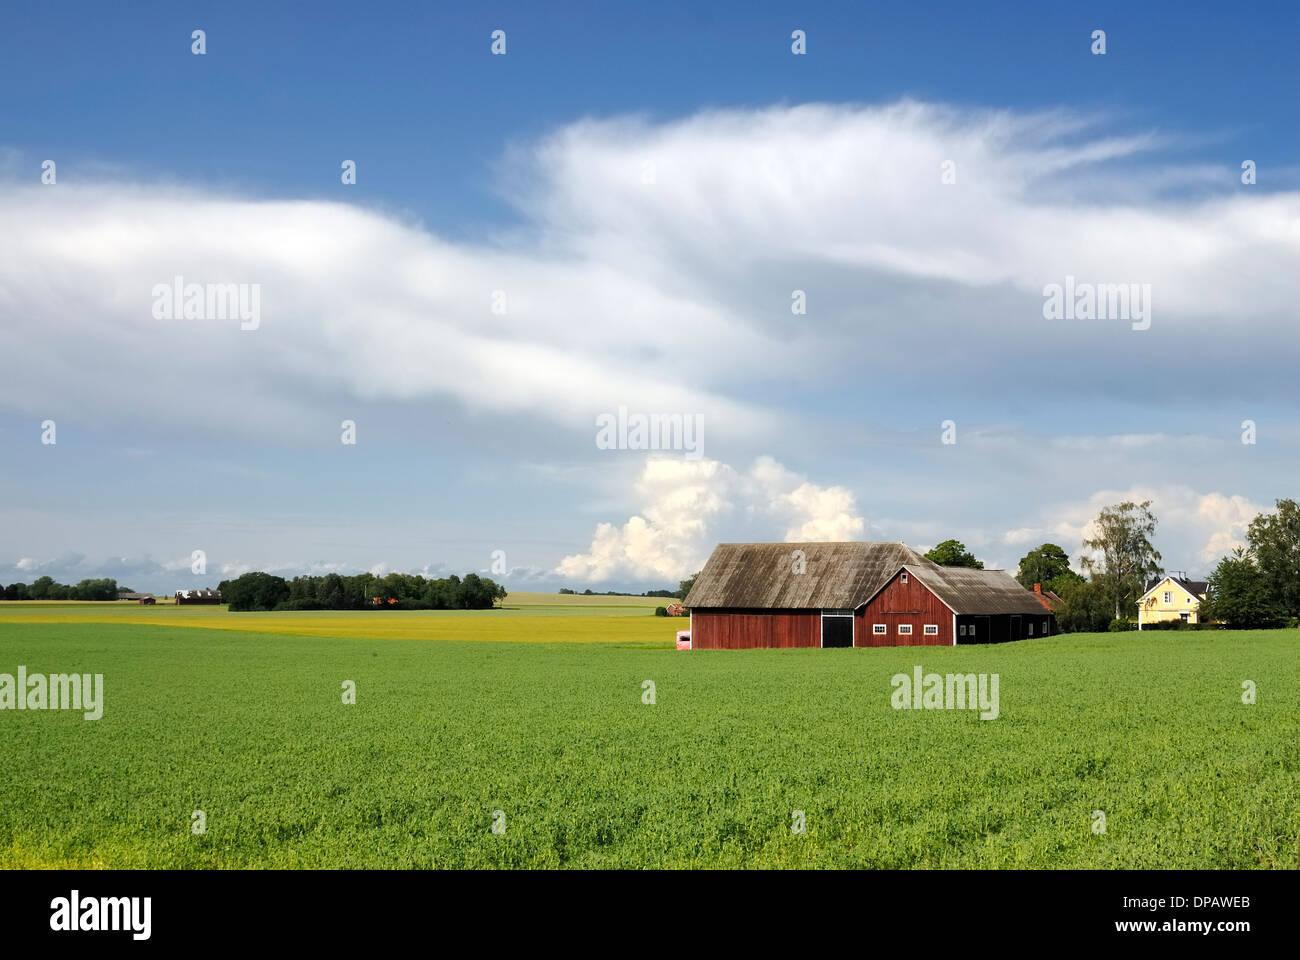 Swedish landscape - Stock Image